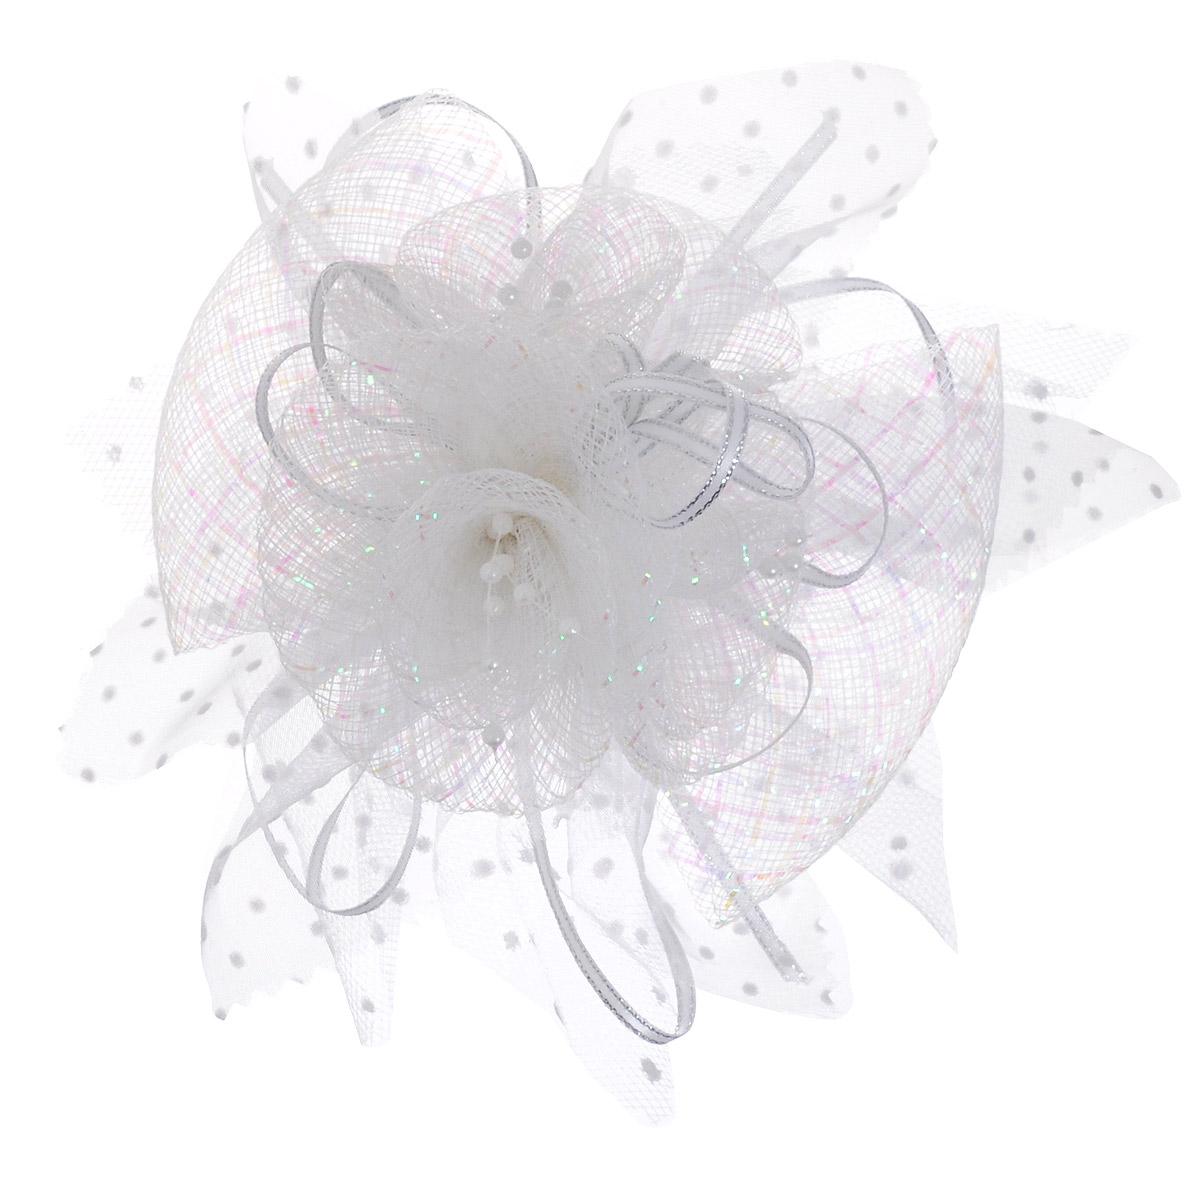 Babys Joy Зажим для волос цвет белый K 91636619-2Зажим для волос Babys Joy выполнен из металла и декорирован большим бантом из органзы с лентой из люрекса.Зажим позволит убрать непослушные волосы со лба и придаст образу немного романтичности и очарования.